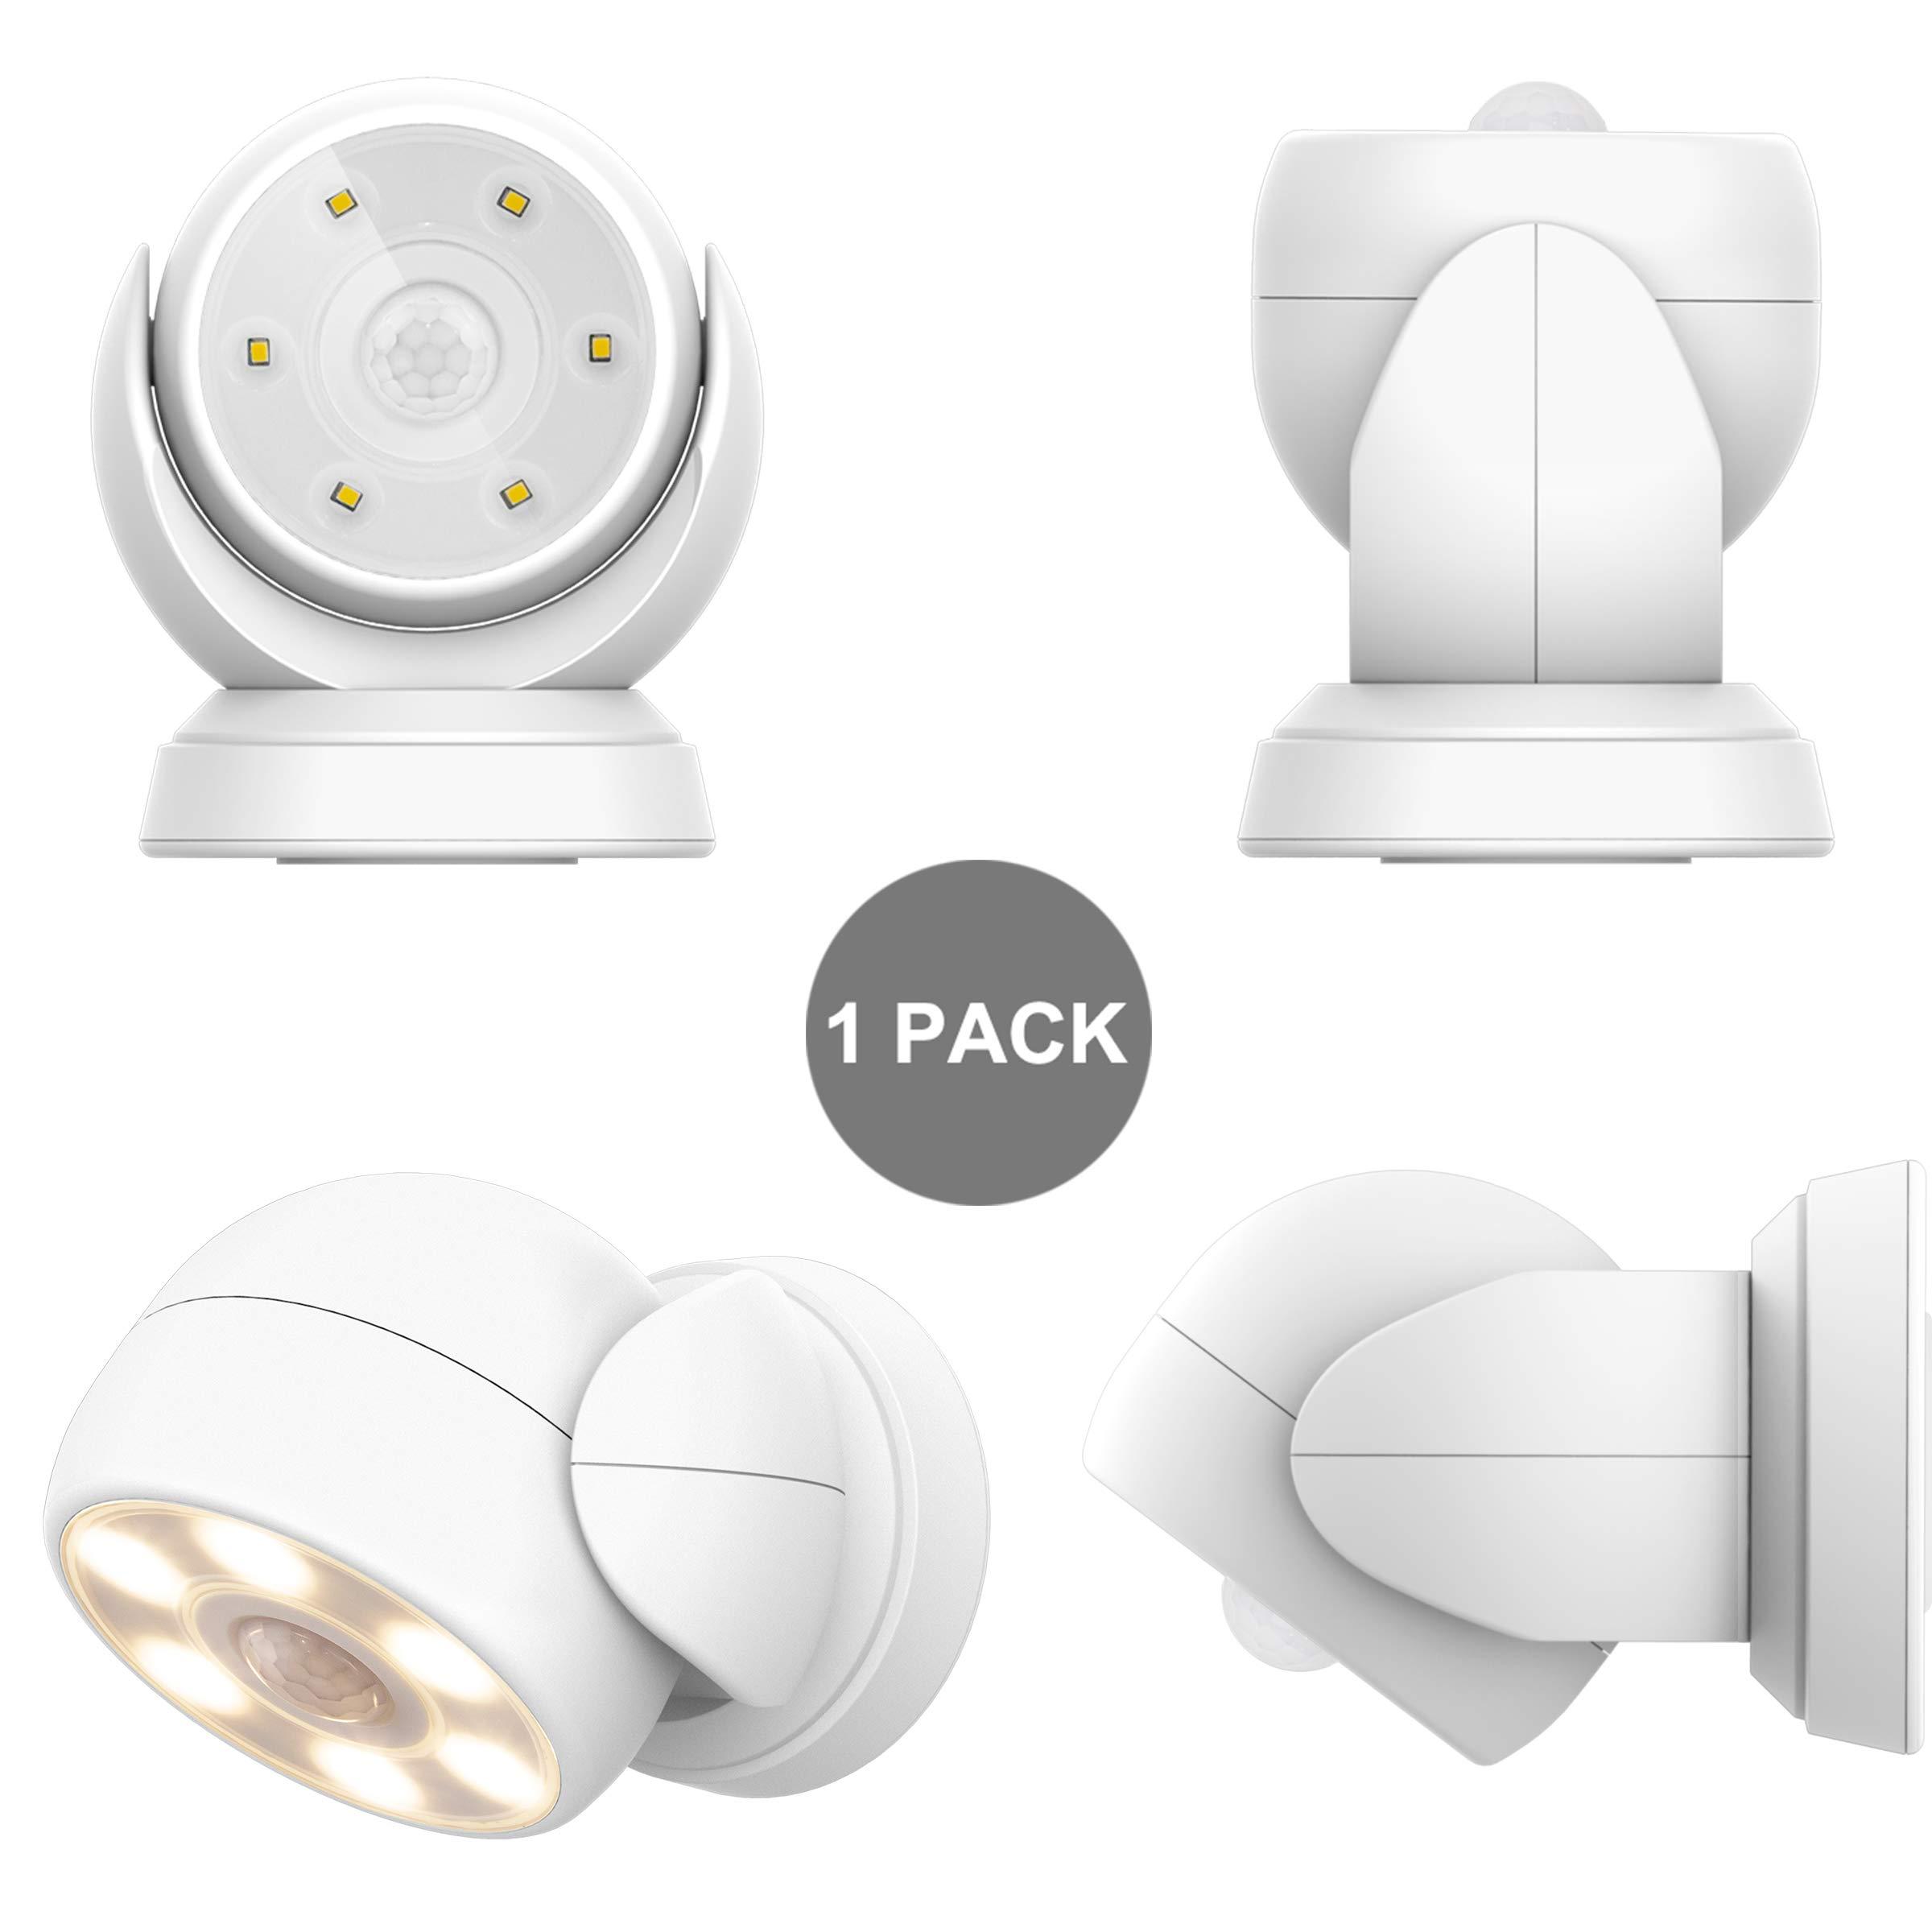 HONWELL Luz Foco LED a Pilas con Sensor de Movimiento, Exterior Impermeable Luz de Seguridad,6 LEDs, 200 Lúmenes Foco Inalámbrico LED con Movimiento Activado Sensor para Entradas,Porche,Garaje-Blanco: Amazon.es: Iluminación